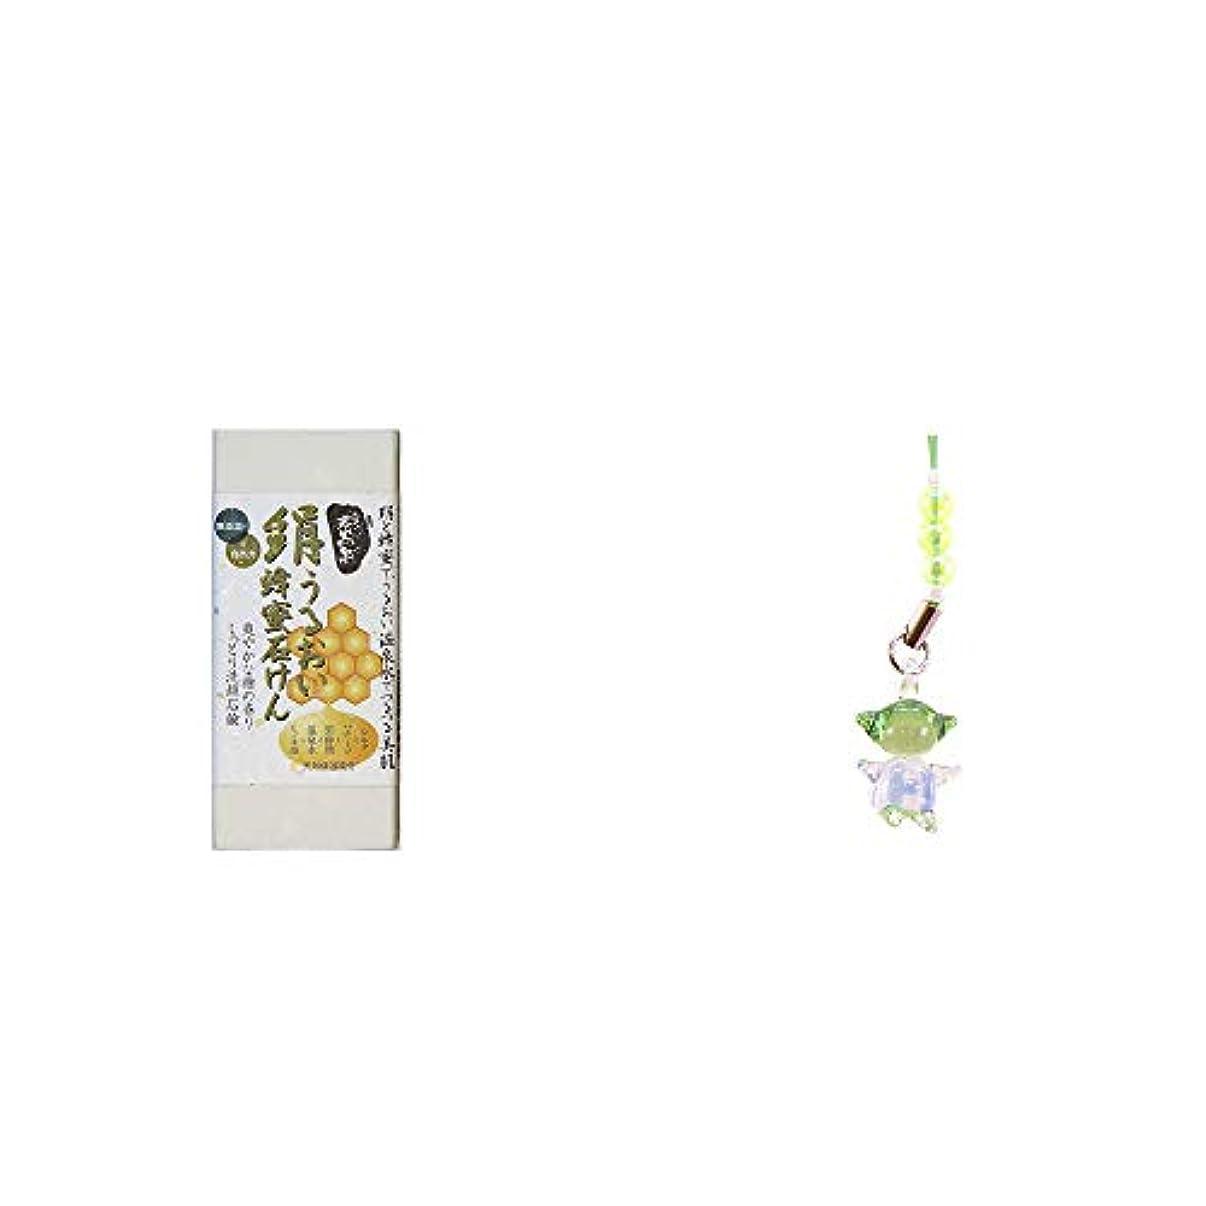 気性放射するあいにく[2点セット] ひのき炭黒泉 絹うるおい蜂蜜石けん(75g×2)?ガラスのさるぼぼ 手作りキーホルダー 【緑】 /健康運?平穏?病気を寄付けない?健康祈願//